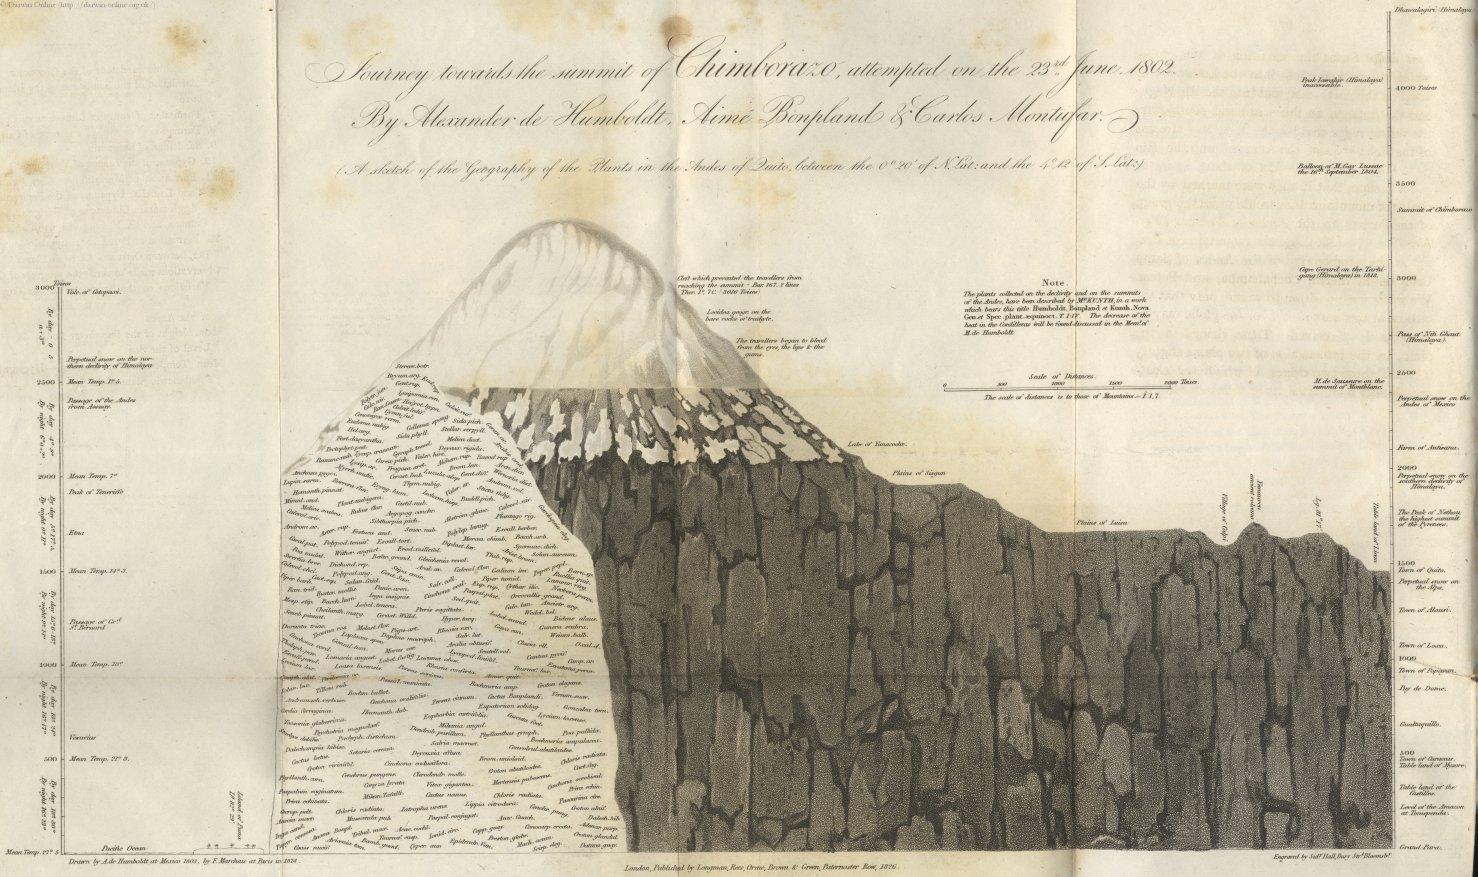 Иллюстрация Гумбольдта к его знаменитому восхождению на гору Чимборасо в Андах в 1802 году.